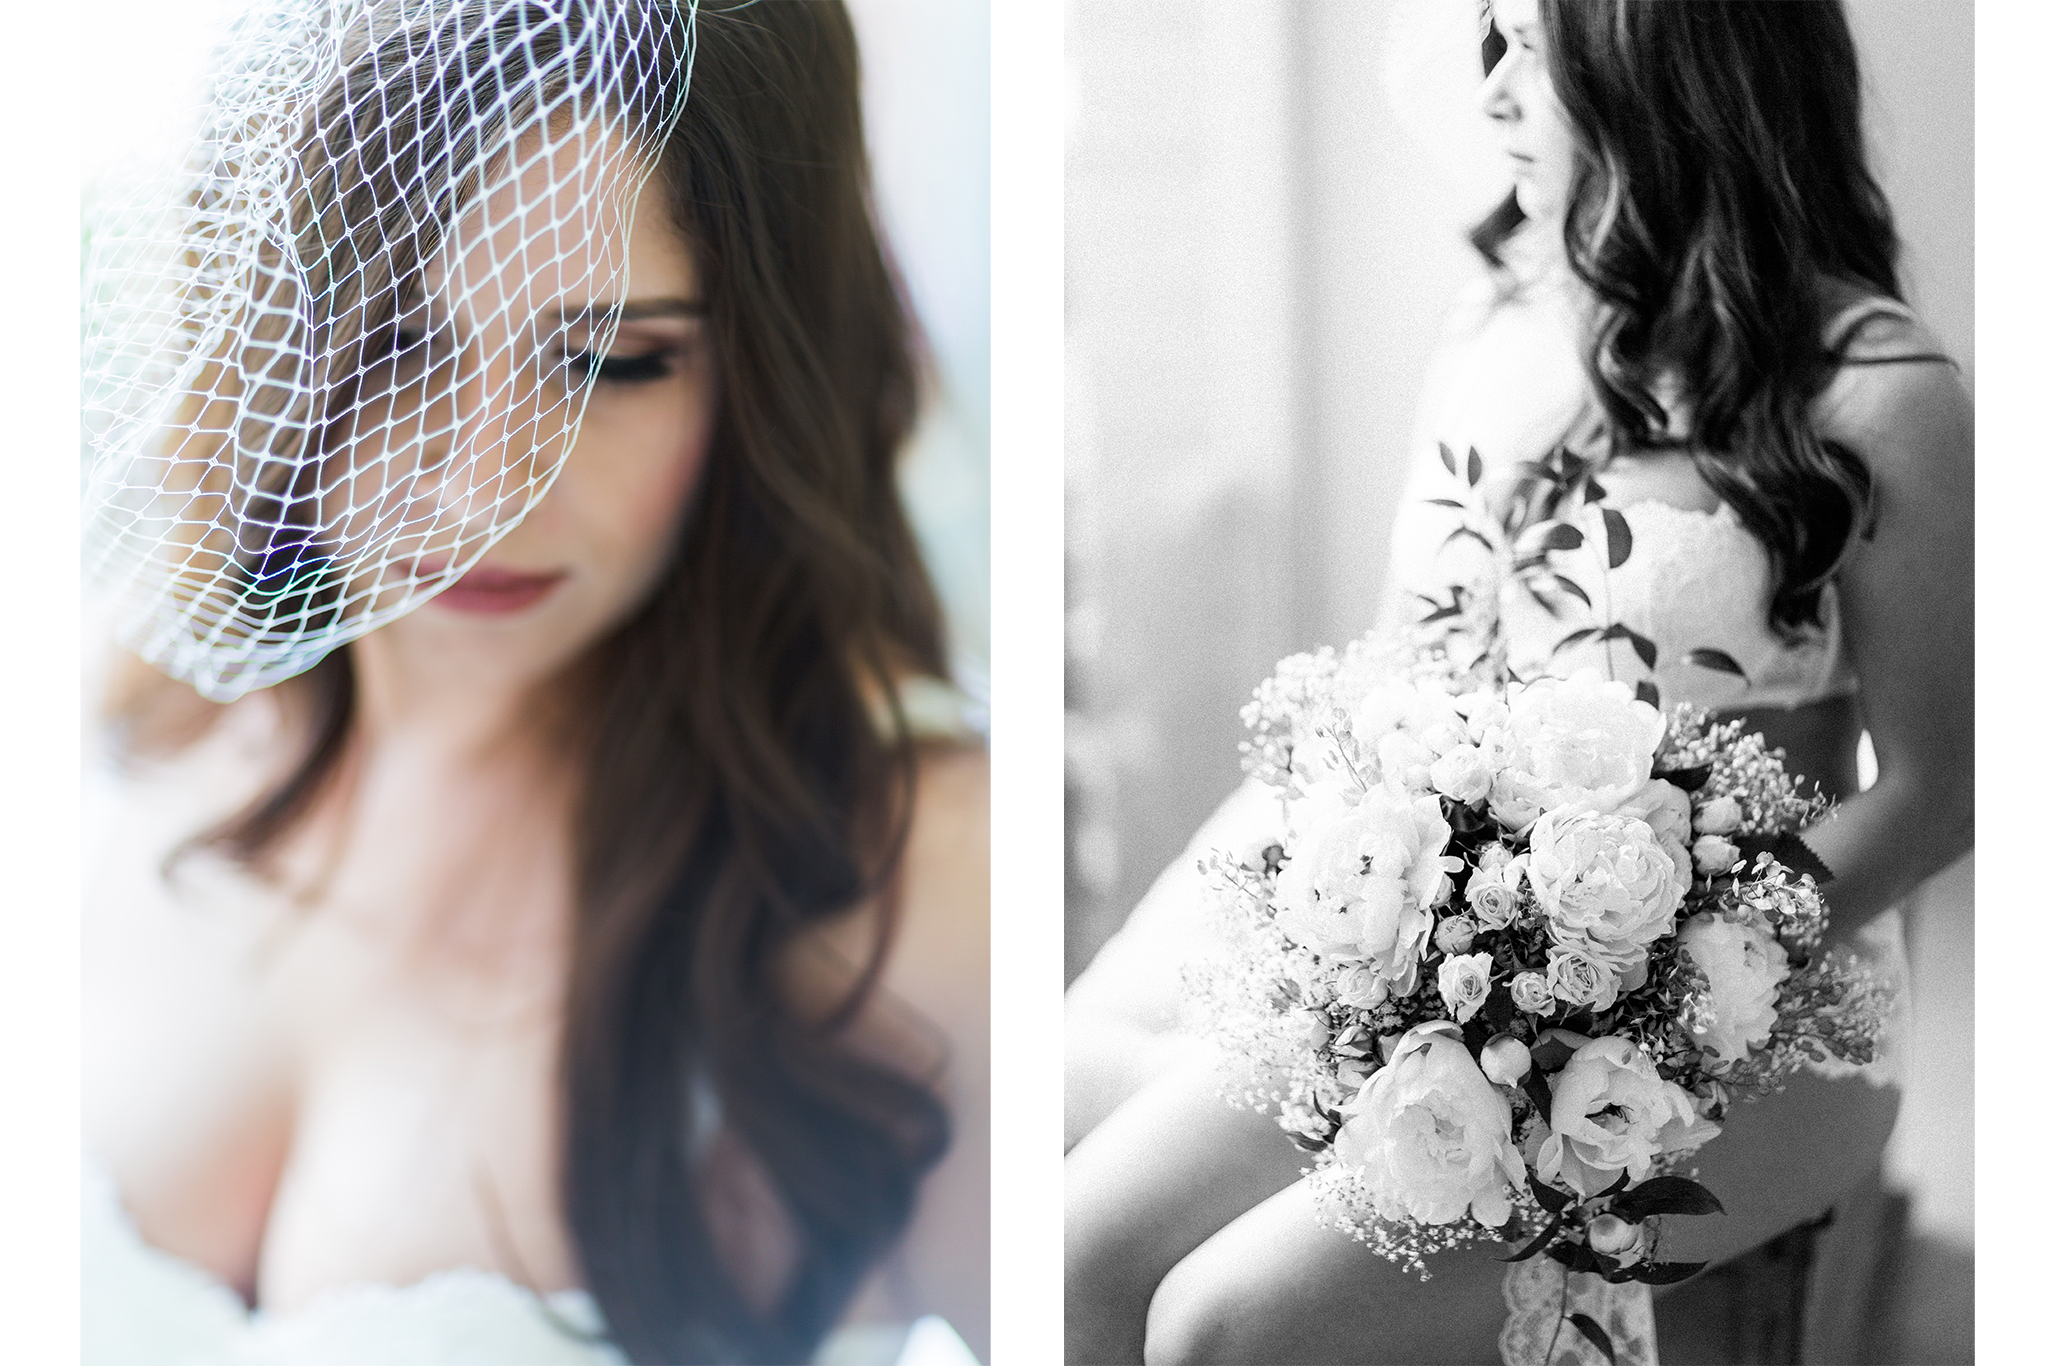 Wunderschöne Bridal Boudoir-Shooting-Inspiration mit brünetter Schönheit als Geschenk für den zukünftigen Ehemann in weißen Dessous mit Blumen.